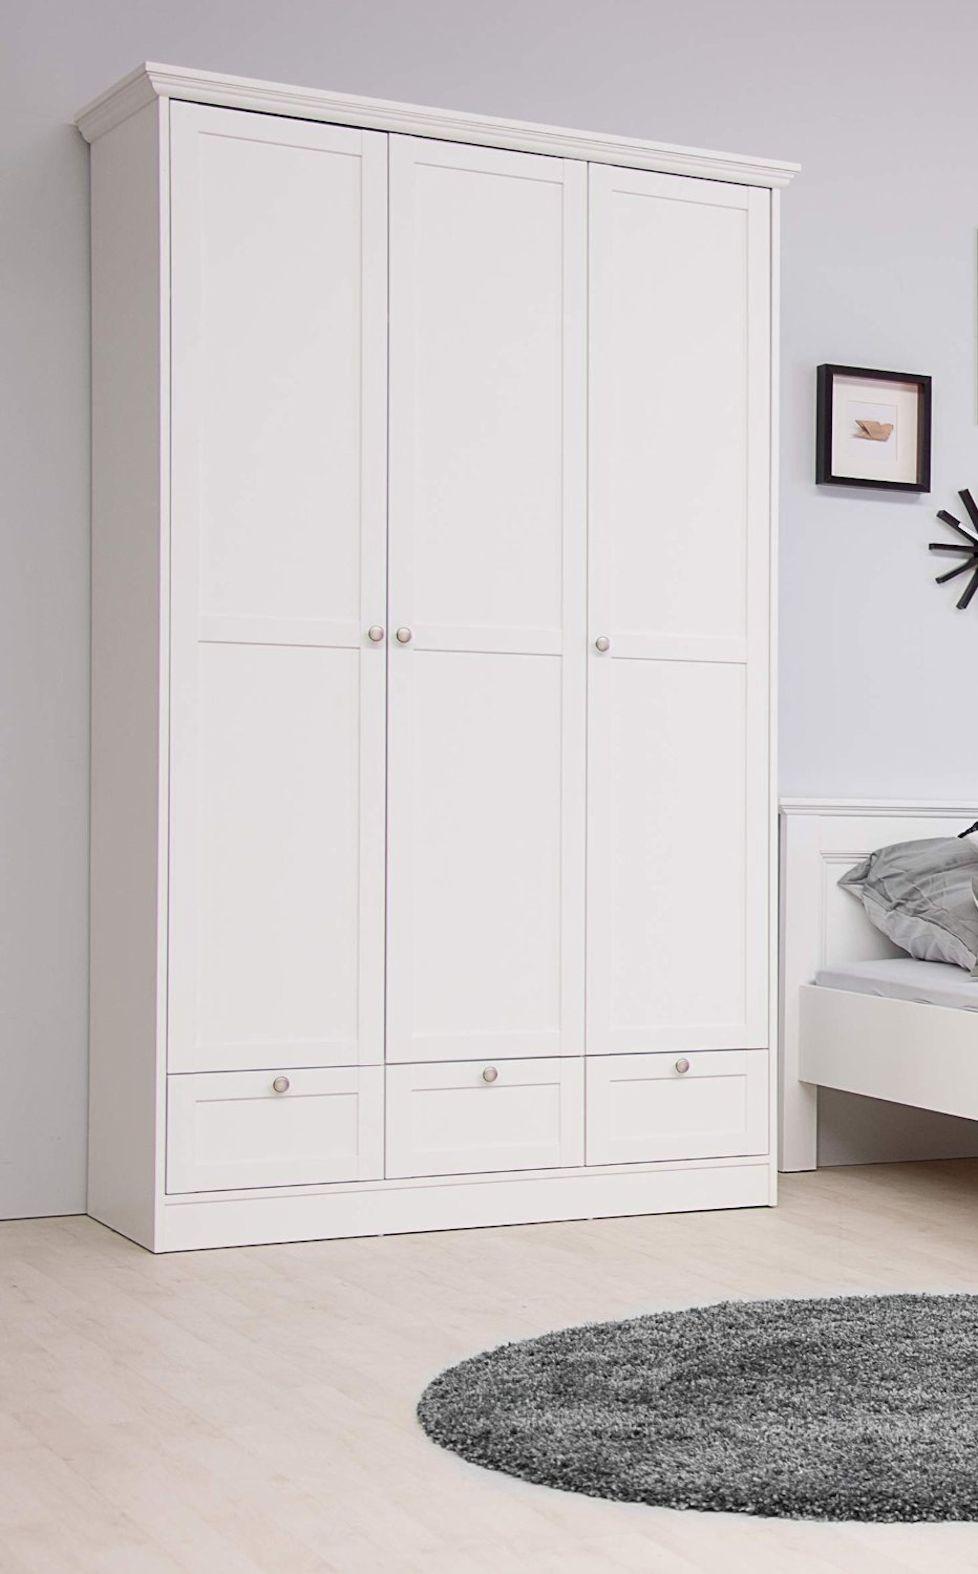 landhaus kleiderschrank schlafzimmer wohnzimmer diele flur stockholm 3 t rig ebay. Black Bedroom Furniture Sets. Home Design Ideas